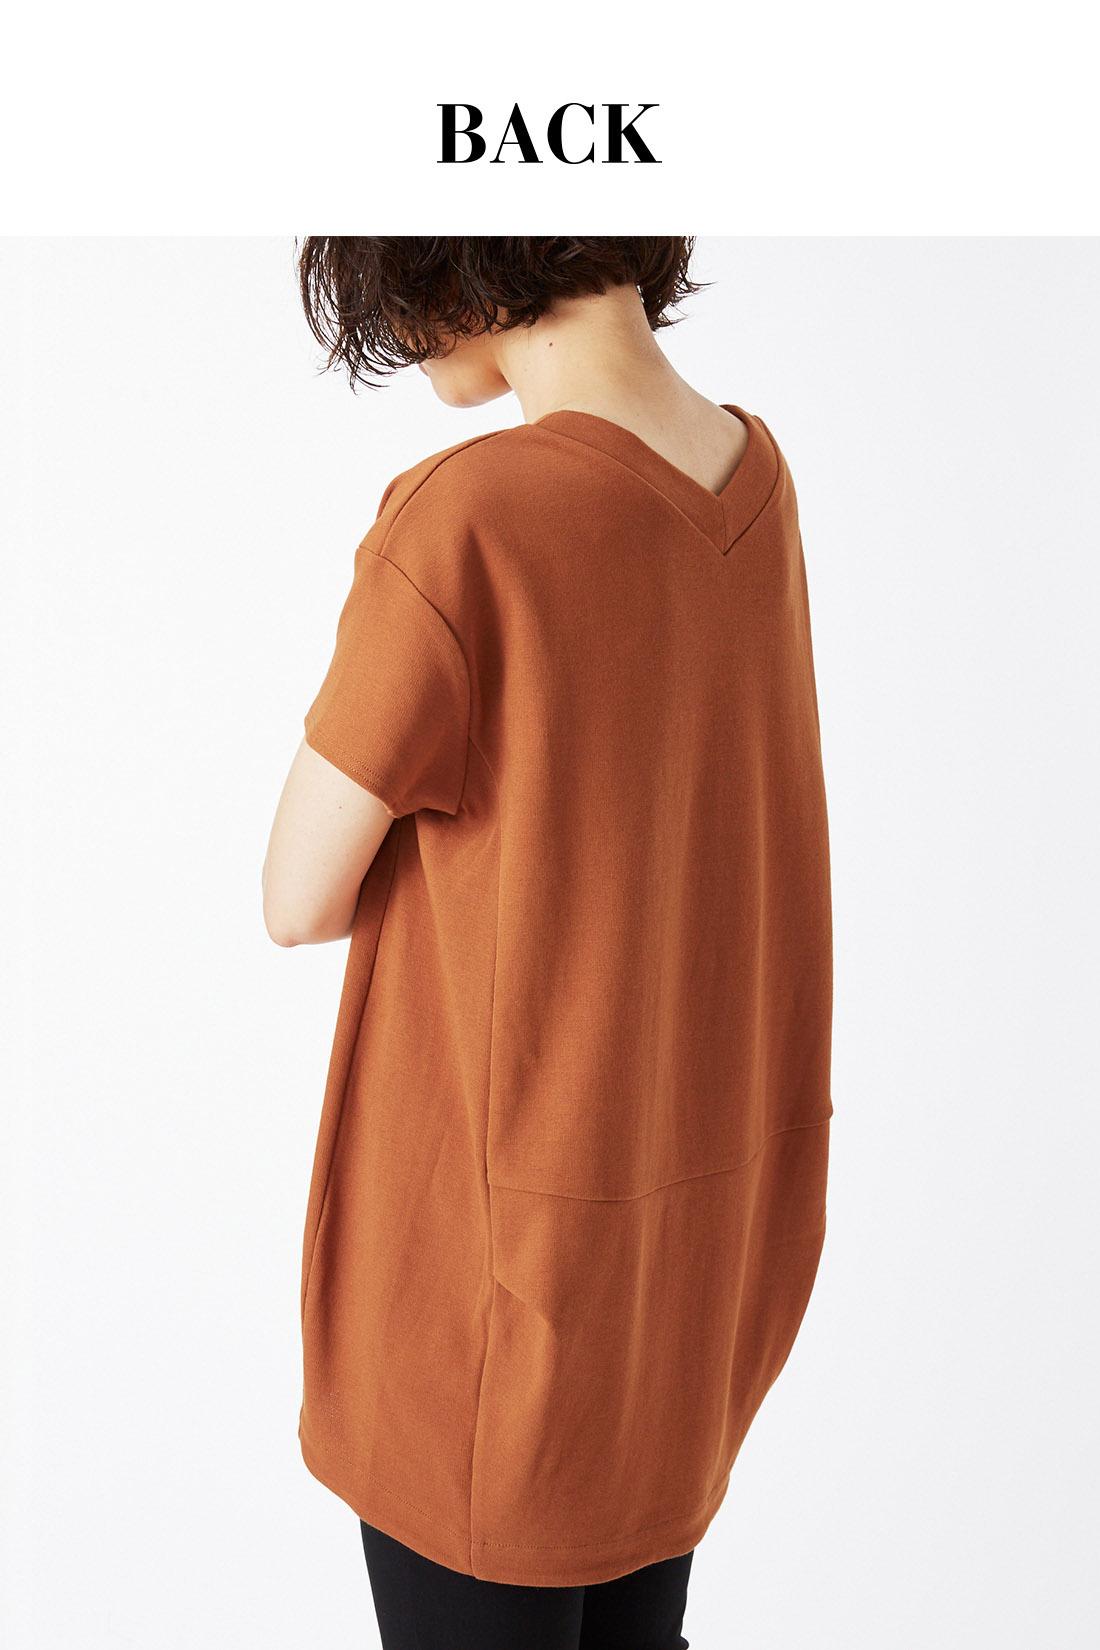 女性らしい首すじを強調するVネック。わきのタックで構築的なシルエットをつくります。 ※着用イメージです。お届けするカラーとは異なります。